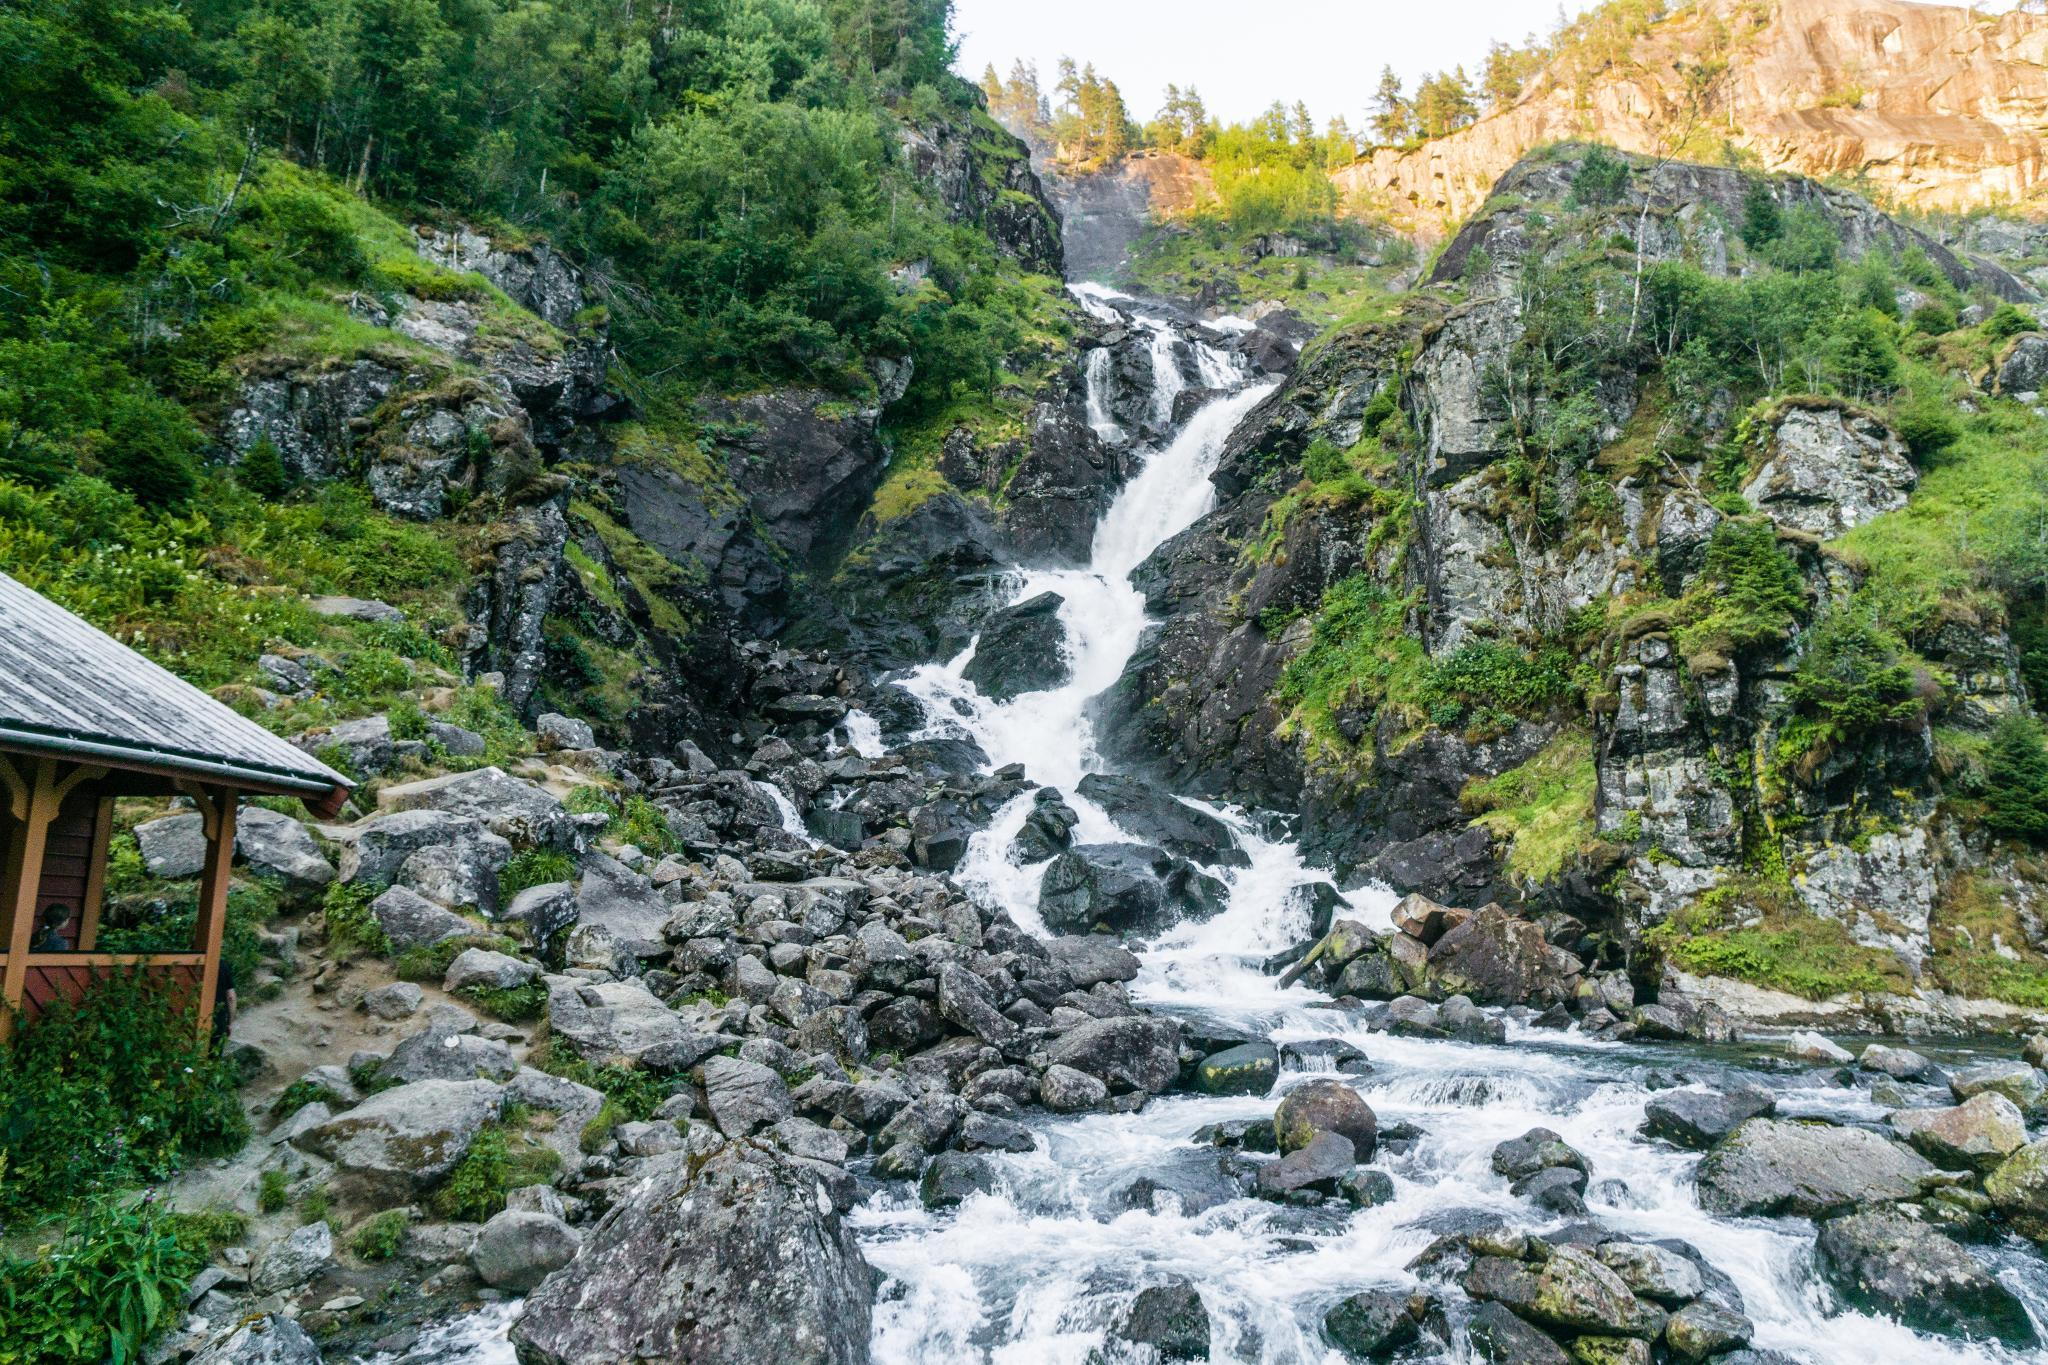 【北歐景點】中世紀的朝聖者之路:百年歷史的Røldal小鎮 6